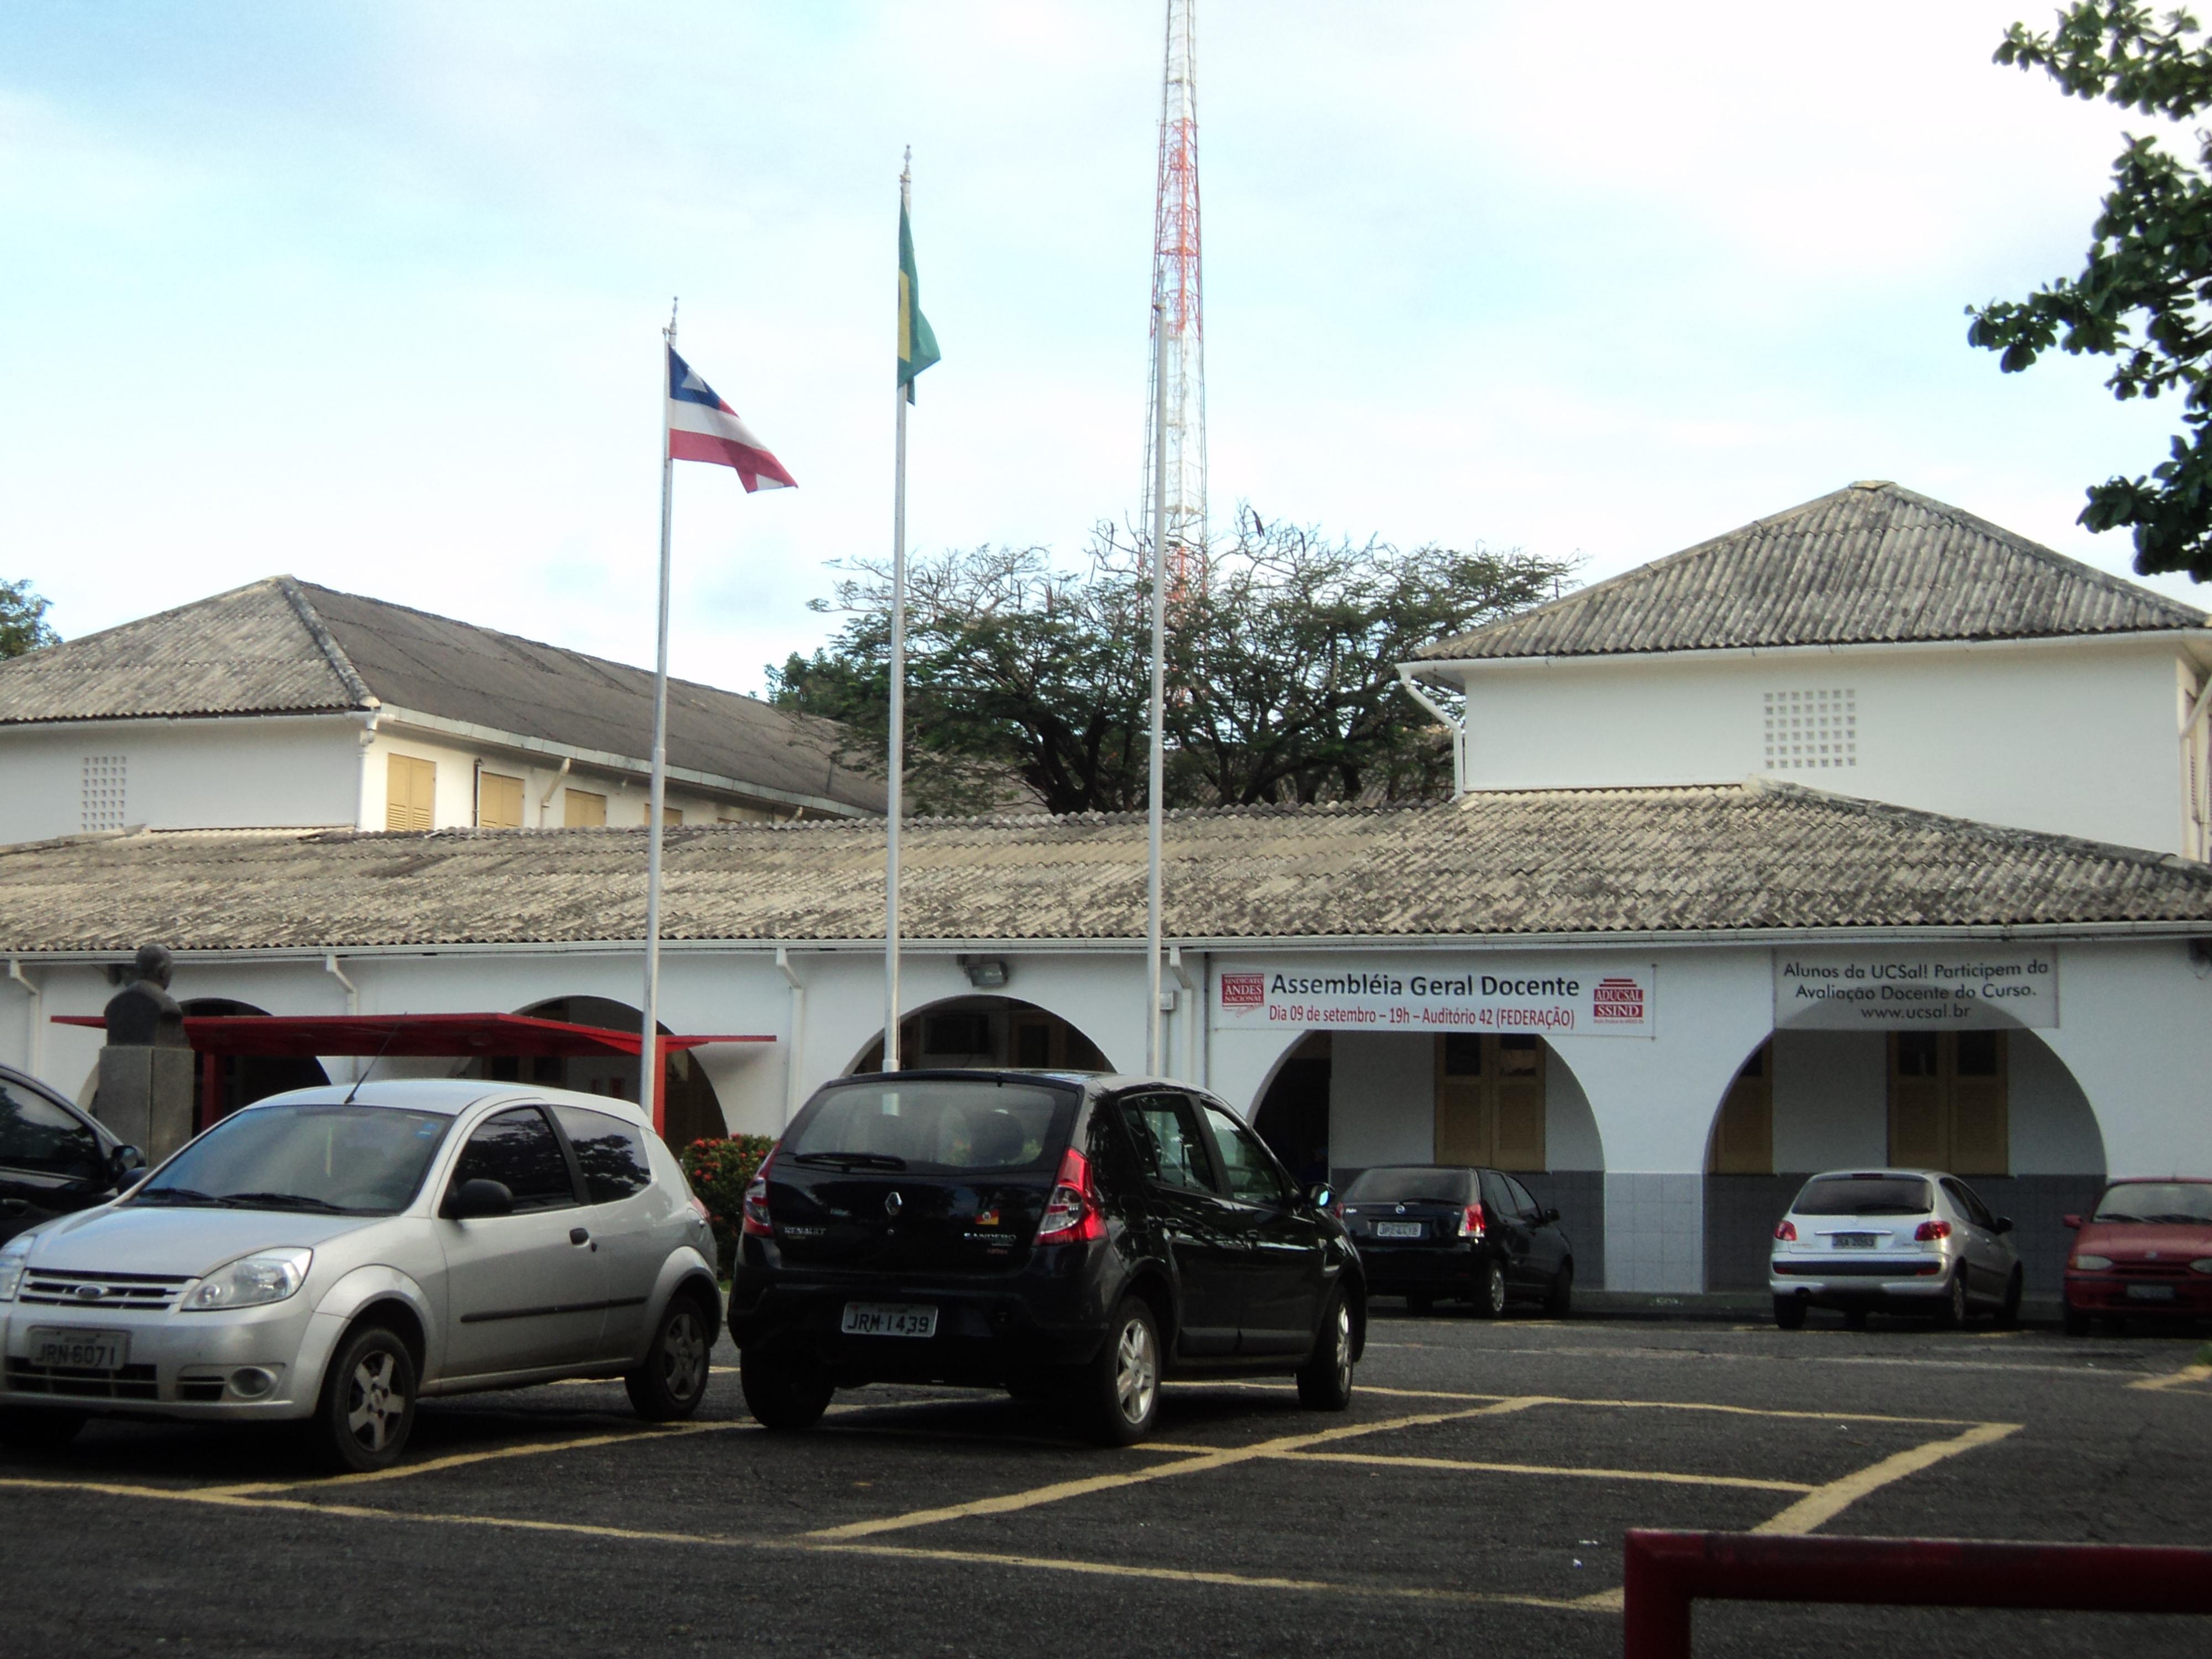 Veja o que saiu no Migalhas sobre Universidade Católica do Salvador